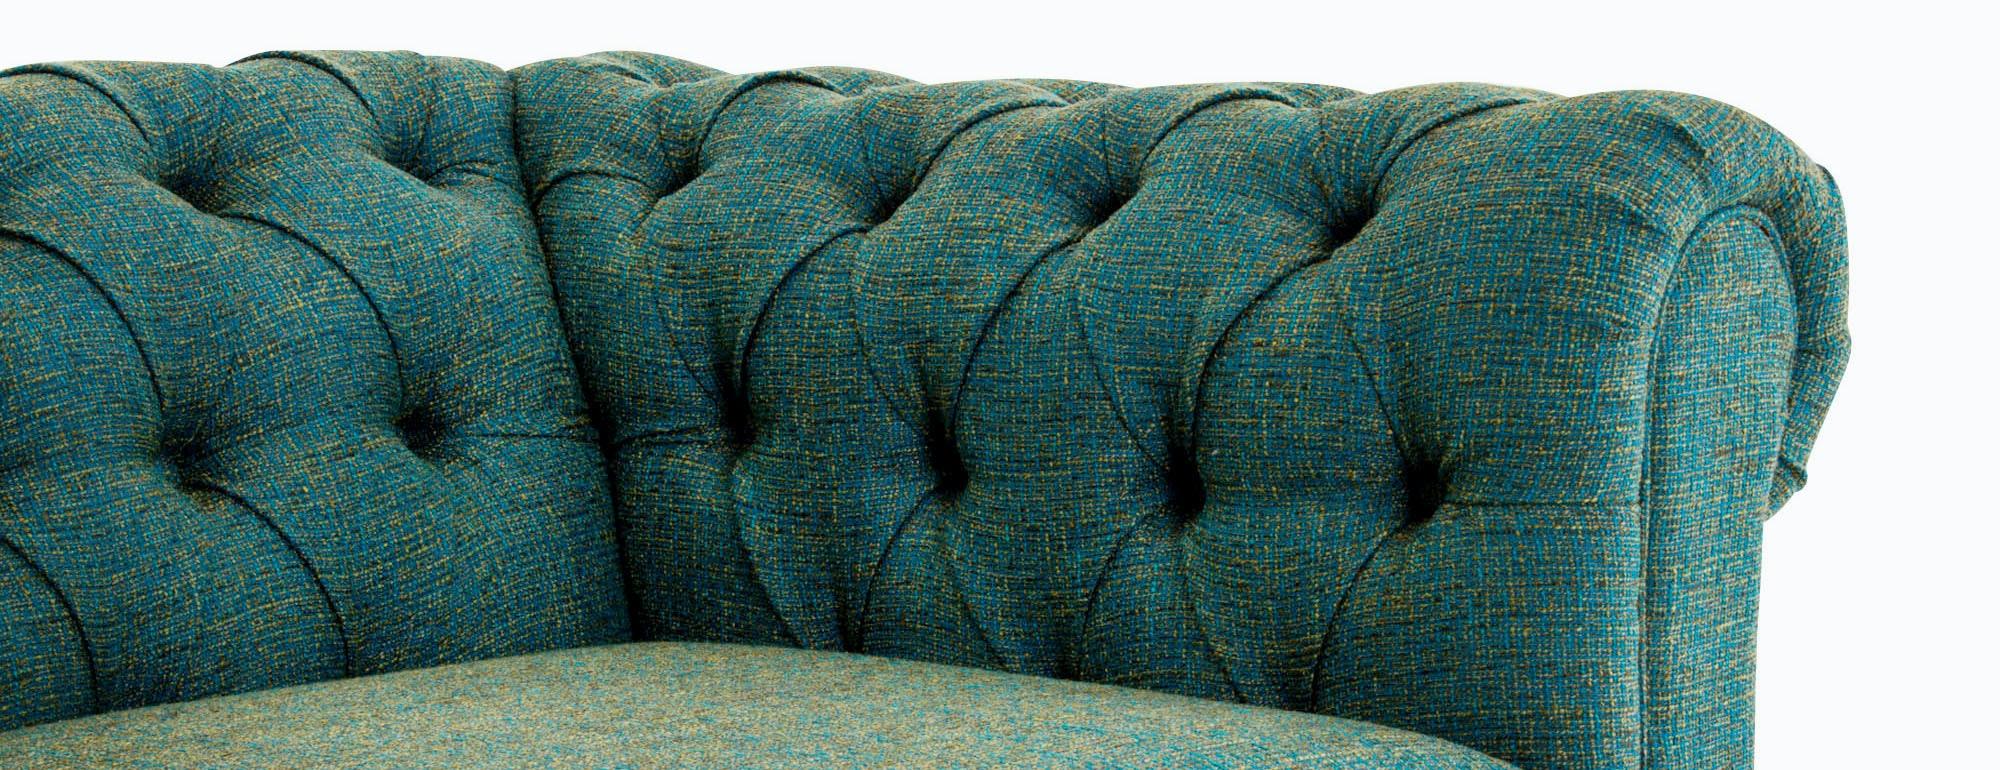 shown in Cordova Turquoise Fabric